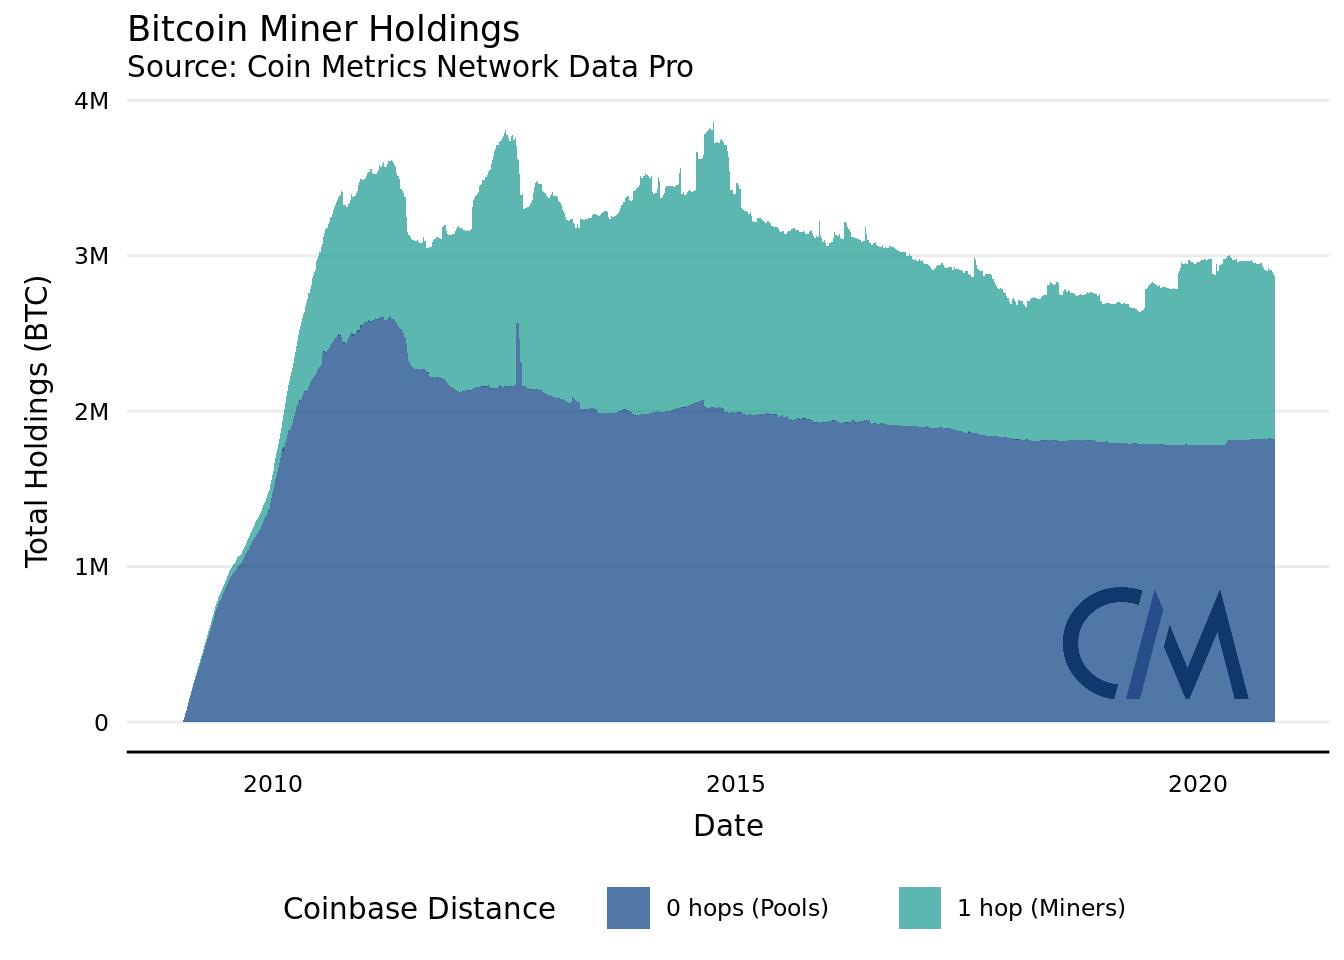 Насколько сильно майнеры биткоина влияют на рынок — новый подход от Coin Metrics